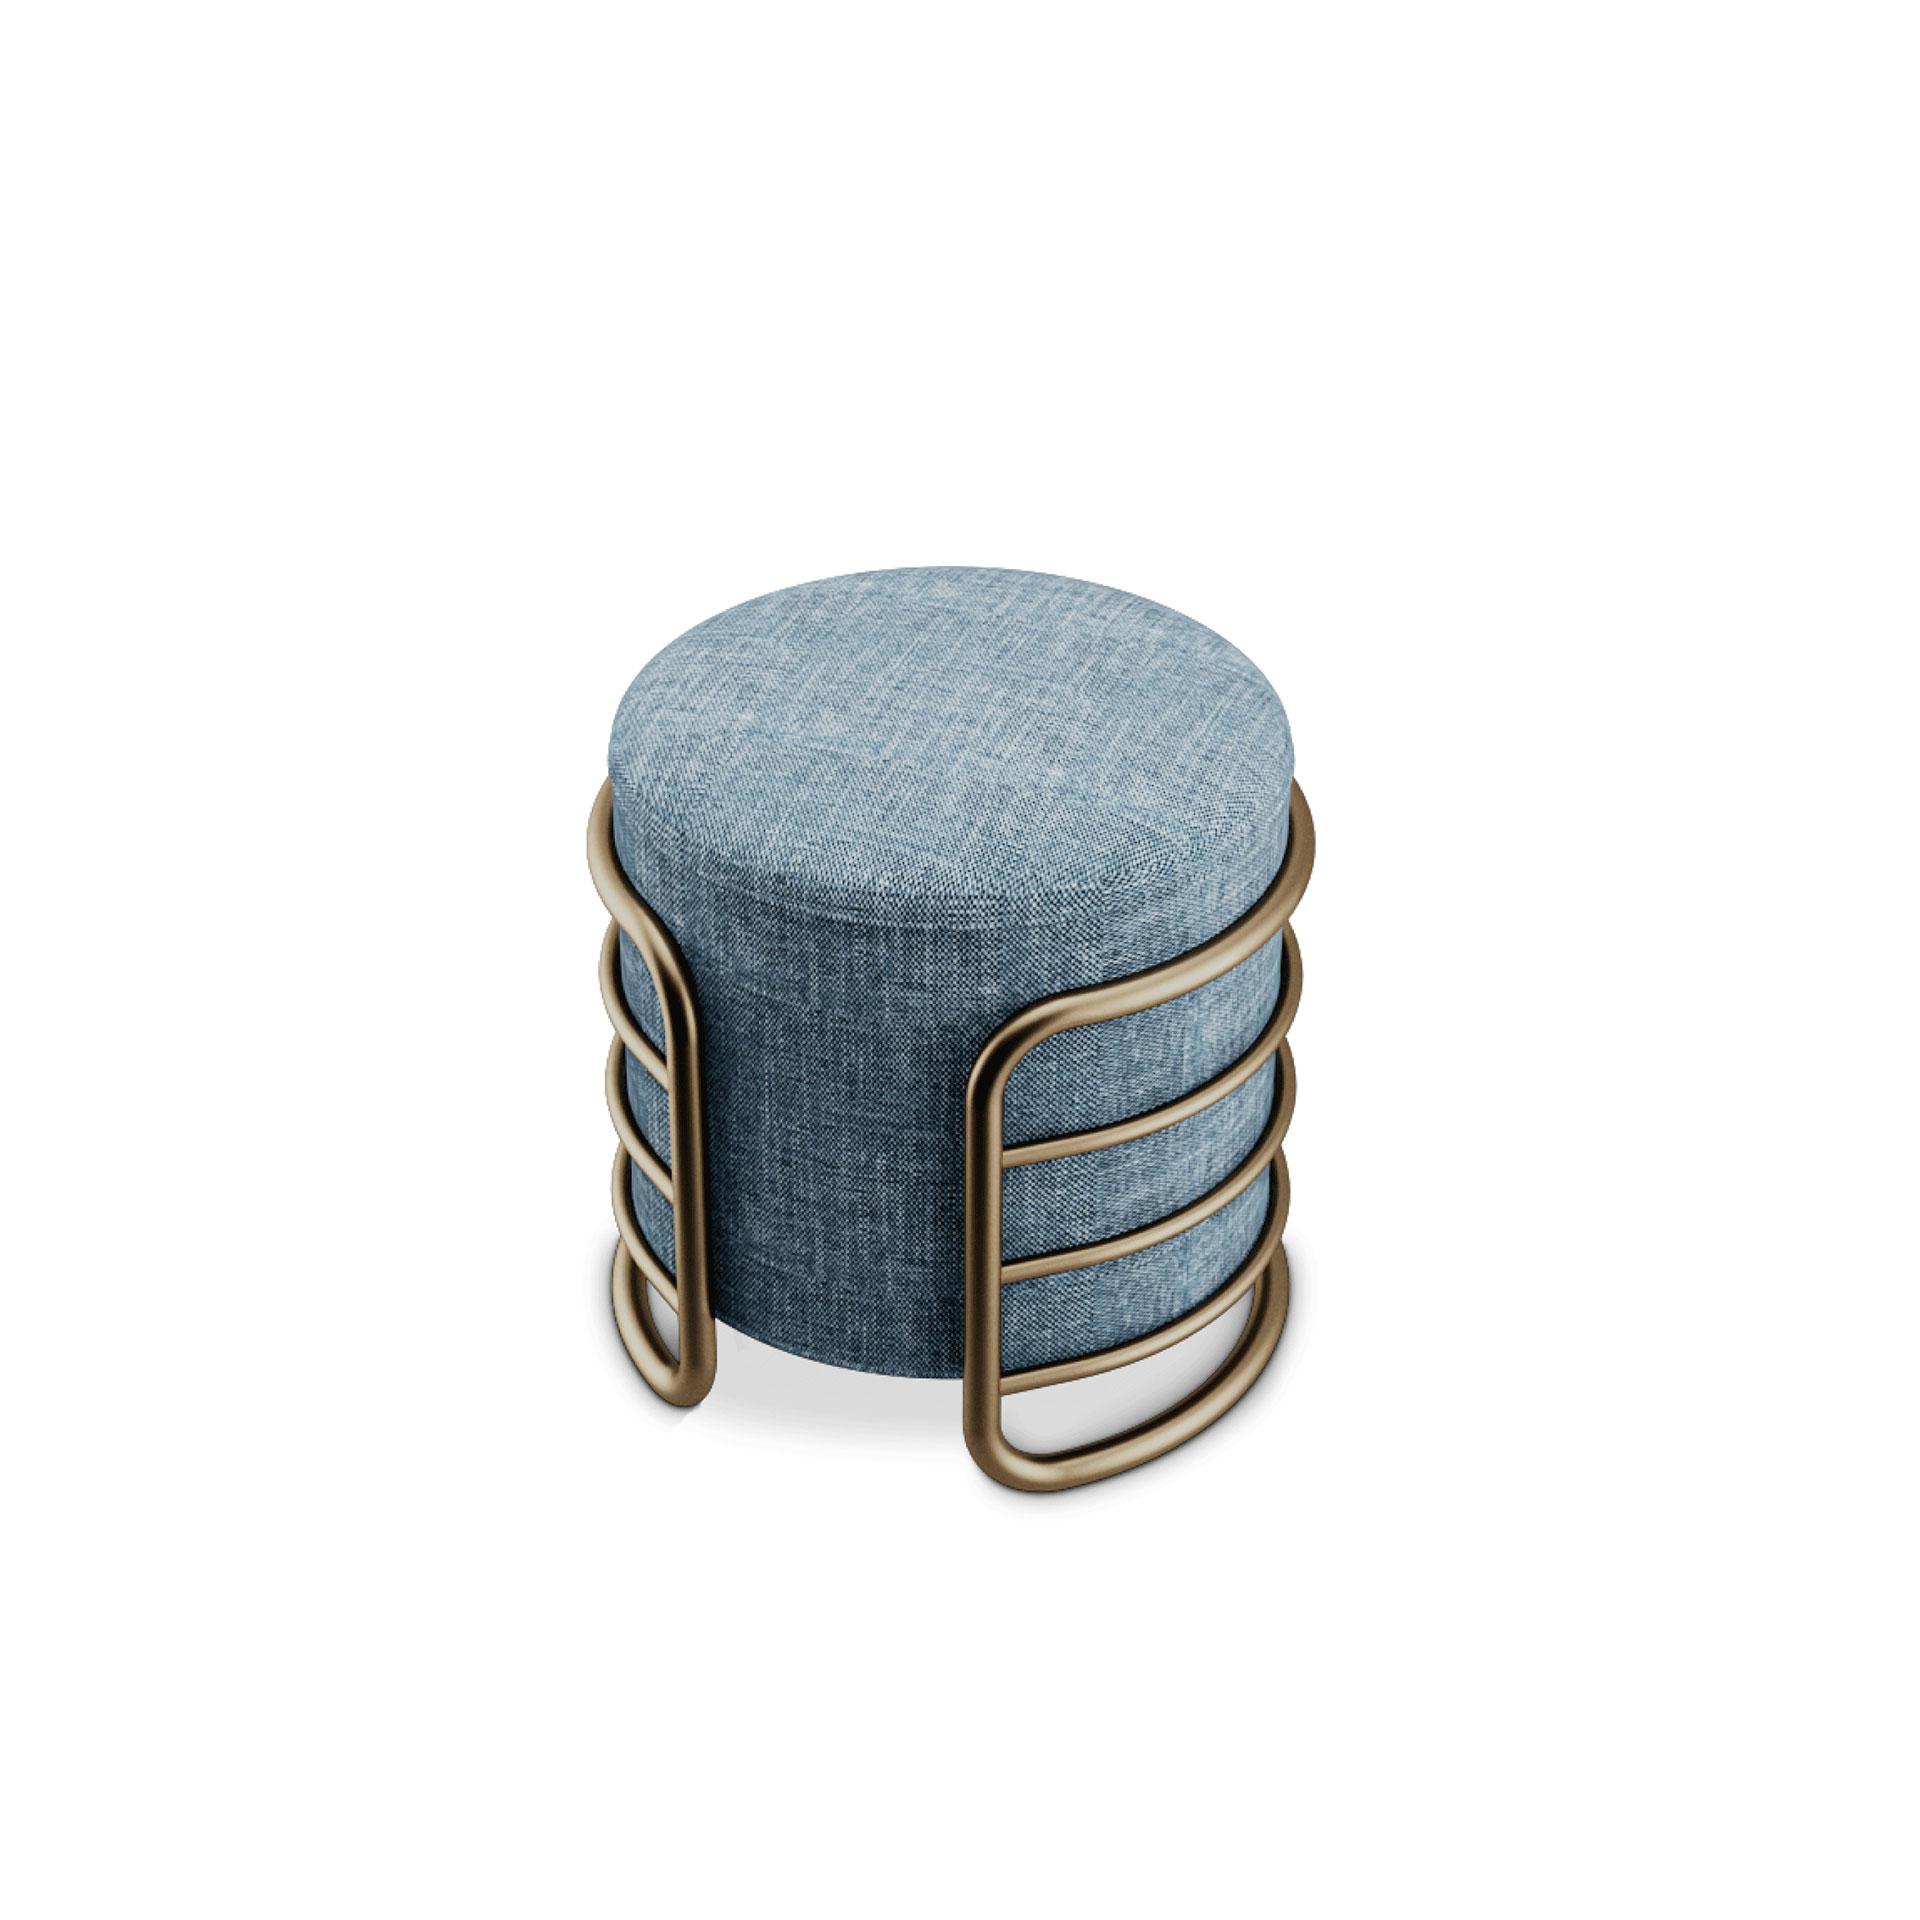 Eero stool 5 1